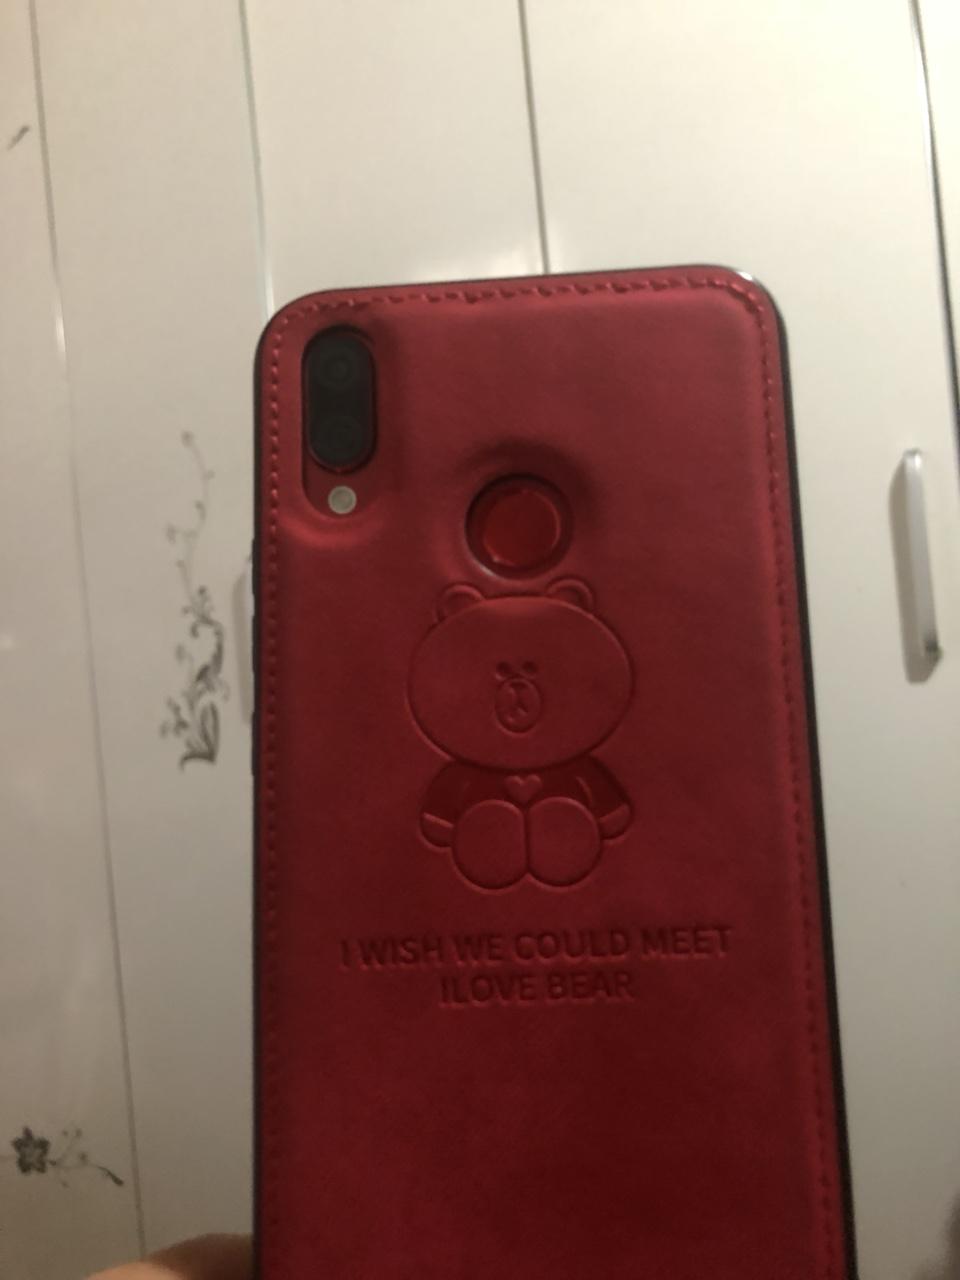 低價出售華為nova3i手機一臺,本打算做備用機,但一直未用,手機全新,貼了鋼化膜還送手機殼,150...